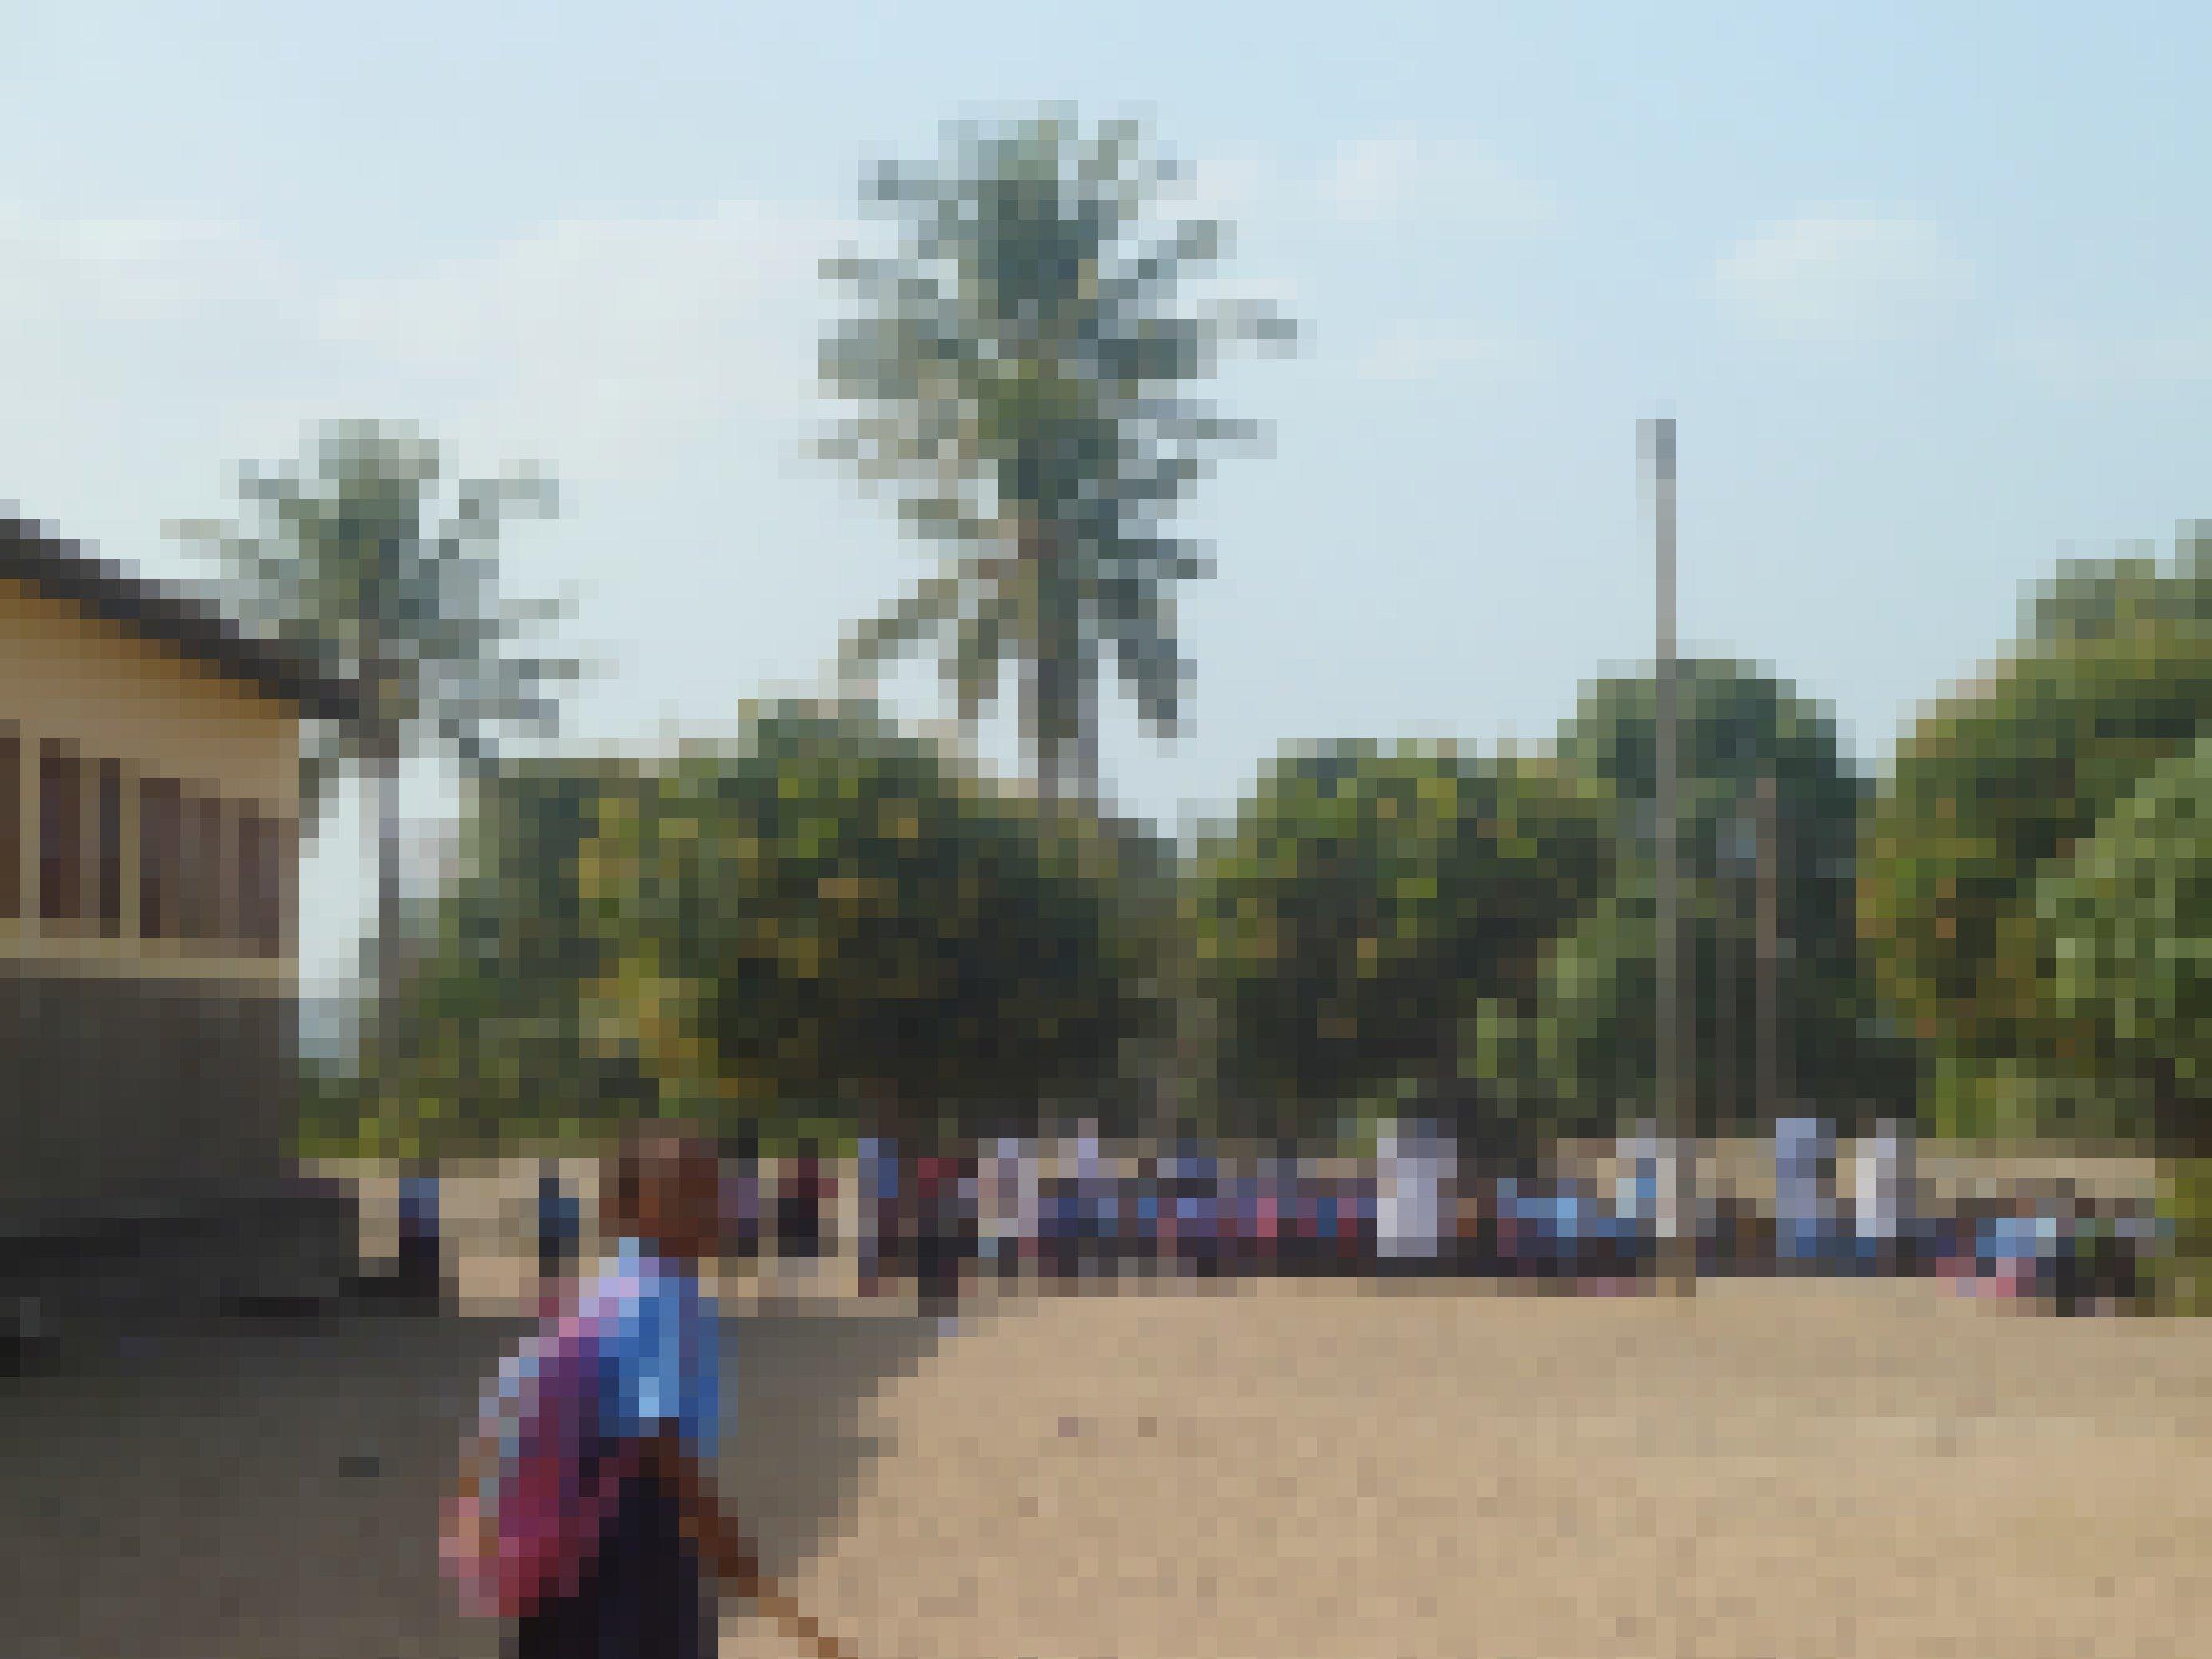 Auf dem sandigen Schulhof, unter Palmen, haben sich Schülerinnen zum Unterricht versammelt